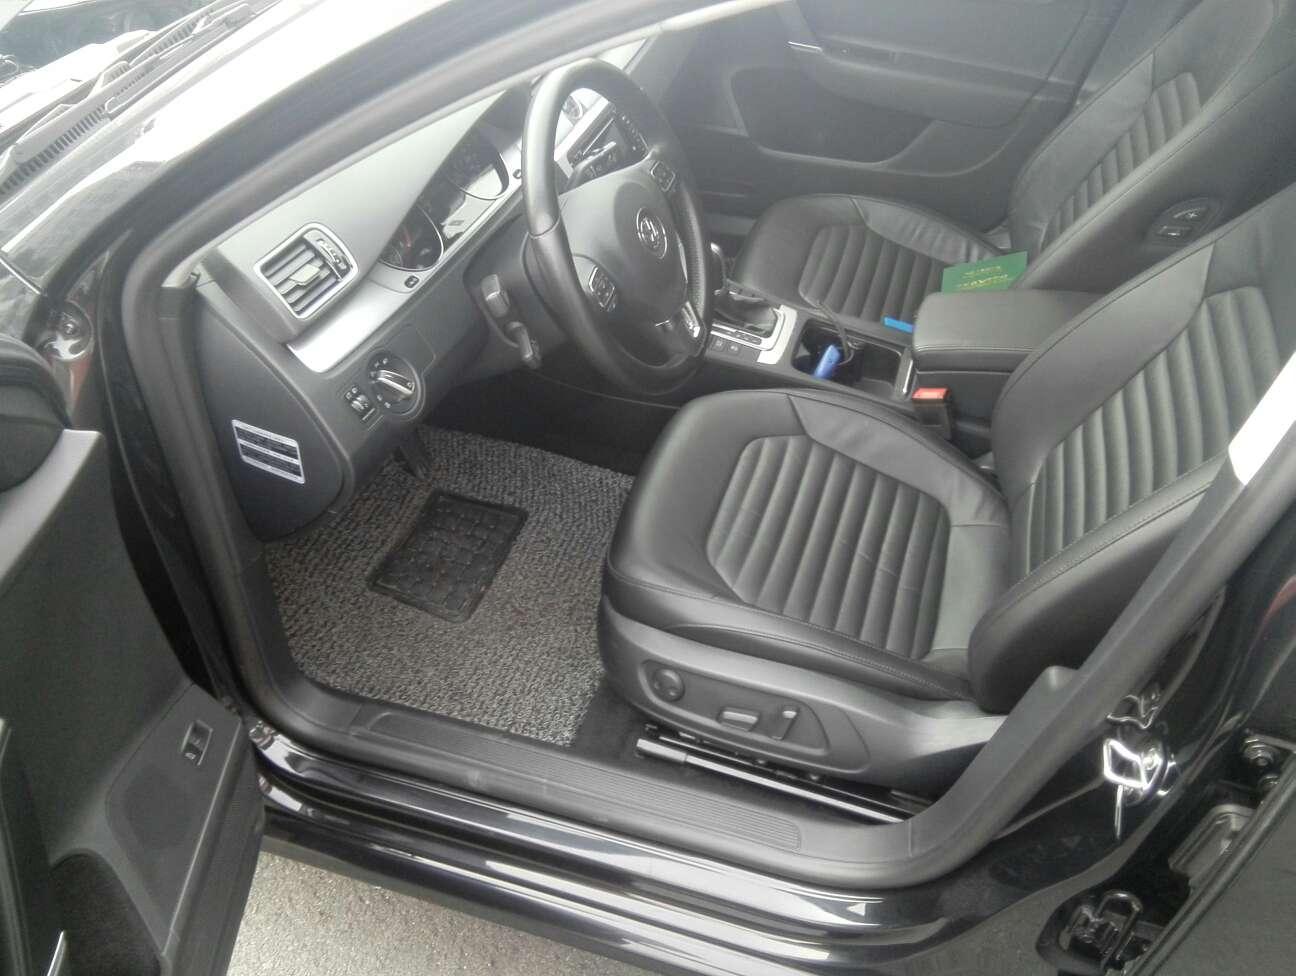 精真估提供二手车大众 迈腾 2015款 1.8T 双离合 领先型